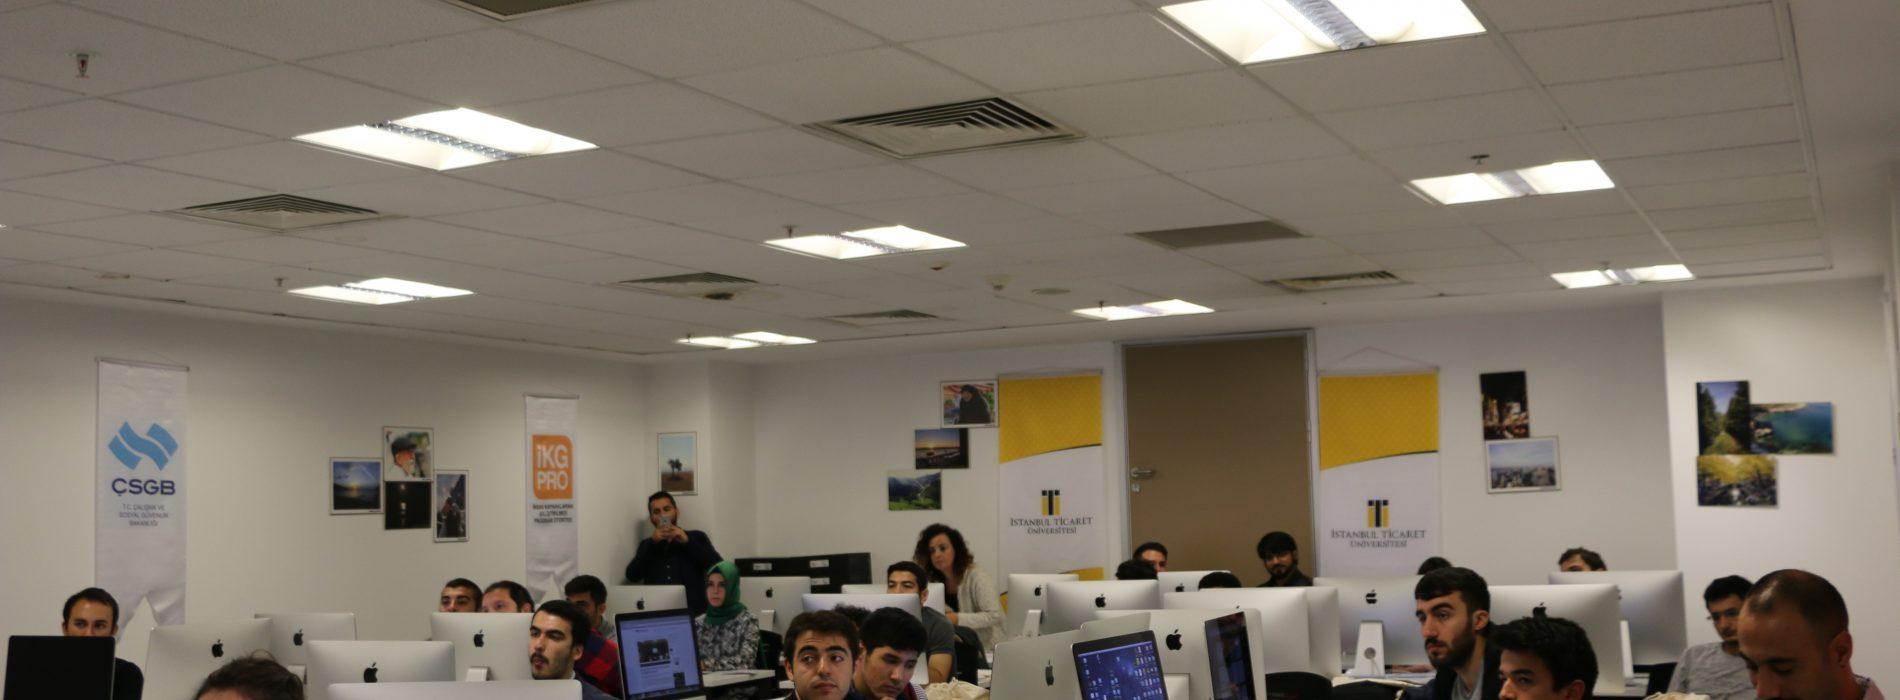 Mobil Teknoloji, Mobil İstihdam Projesi 2.Grup Eğitimleri Başladı!